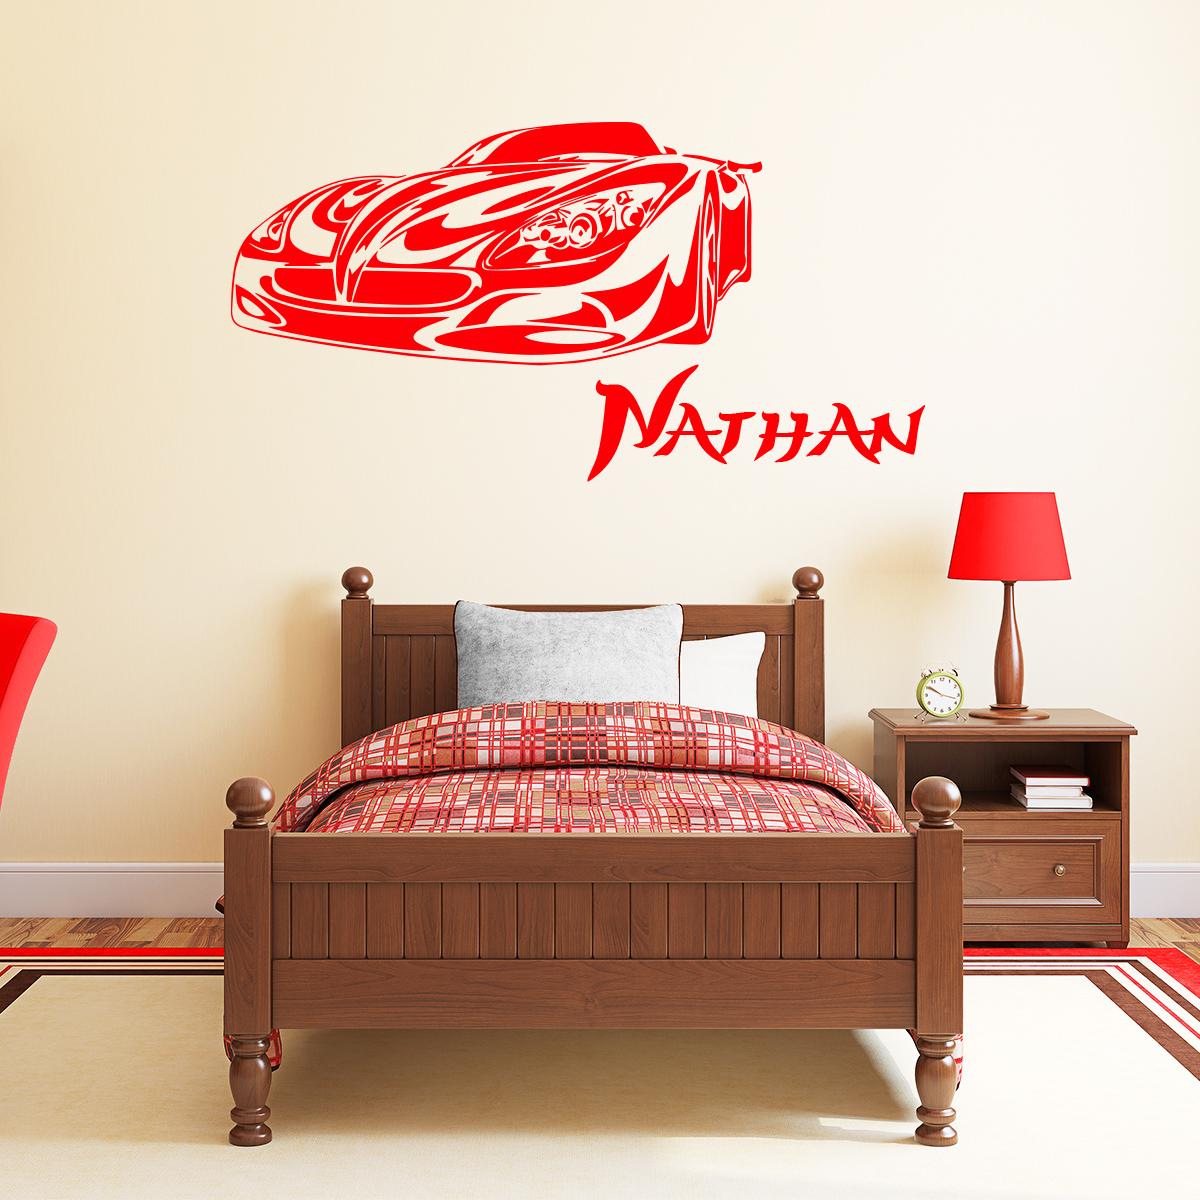 Sticker pr nom personnalisable voiture resplendissante chambre ado gar on ambiance sticker - Stickers voiture chambre garcon ...